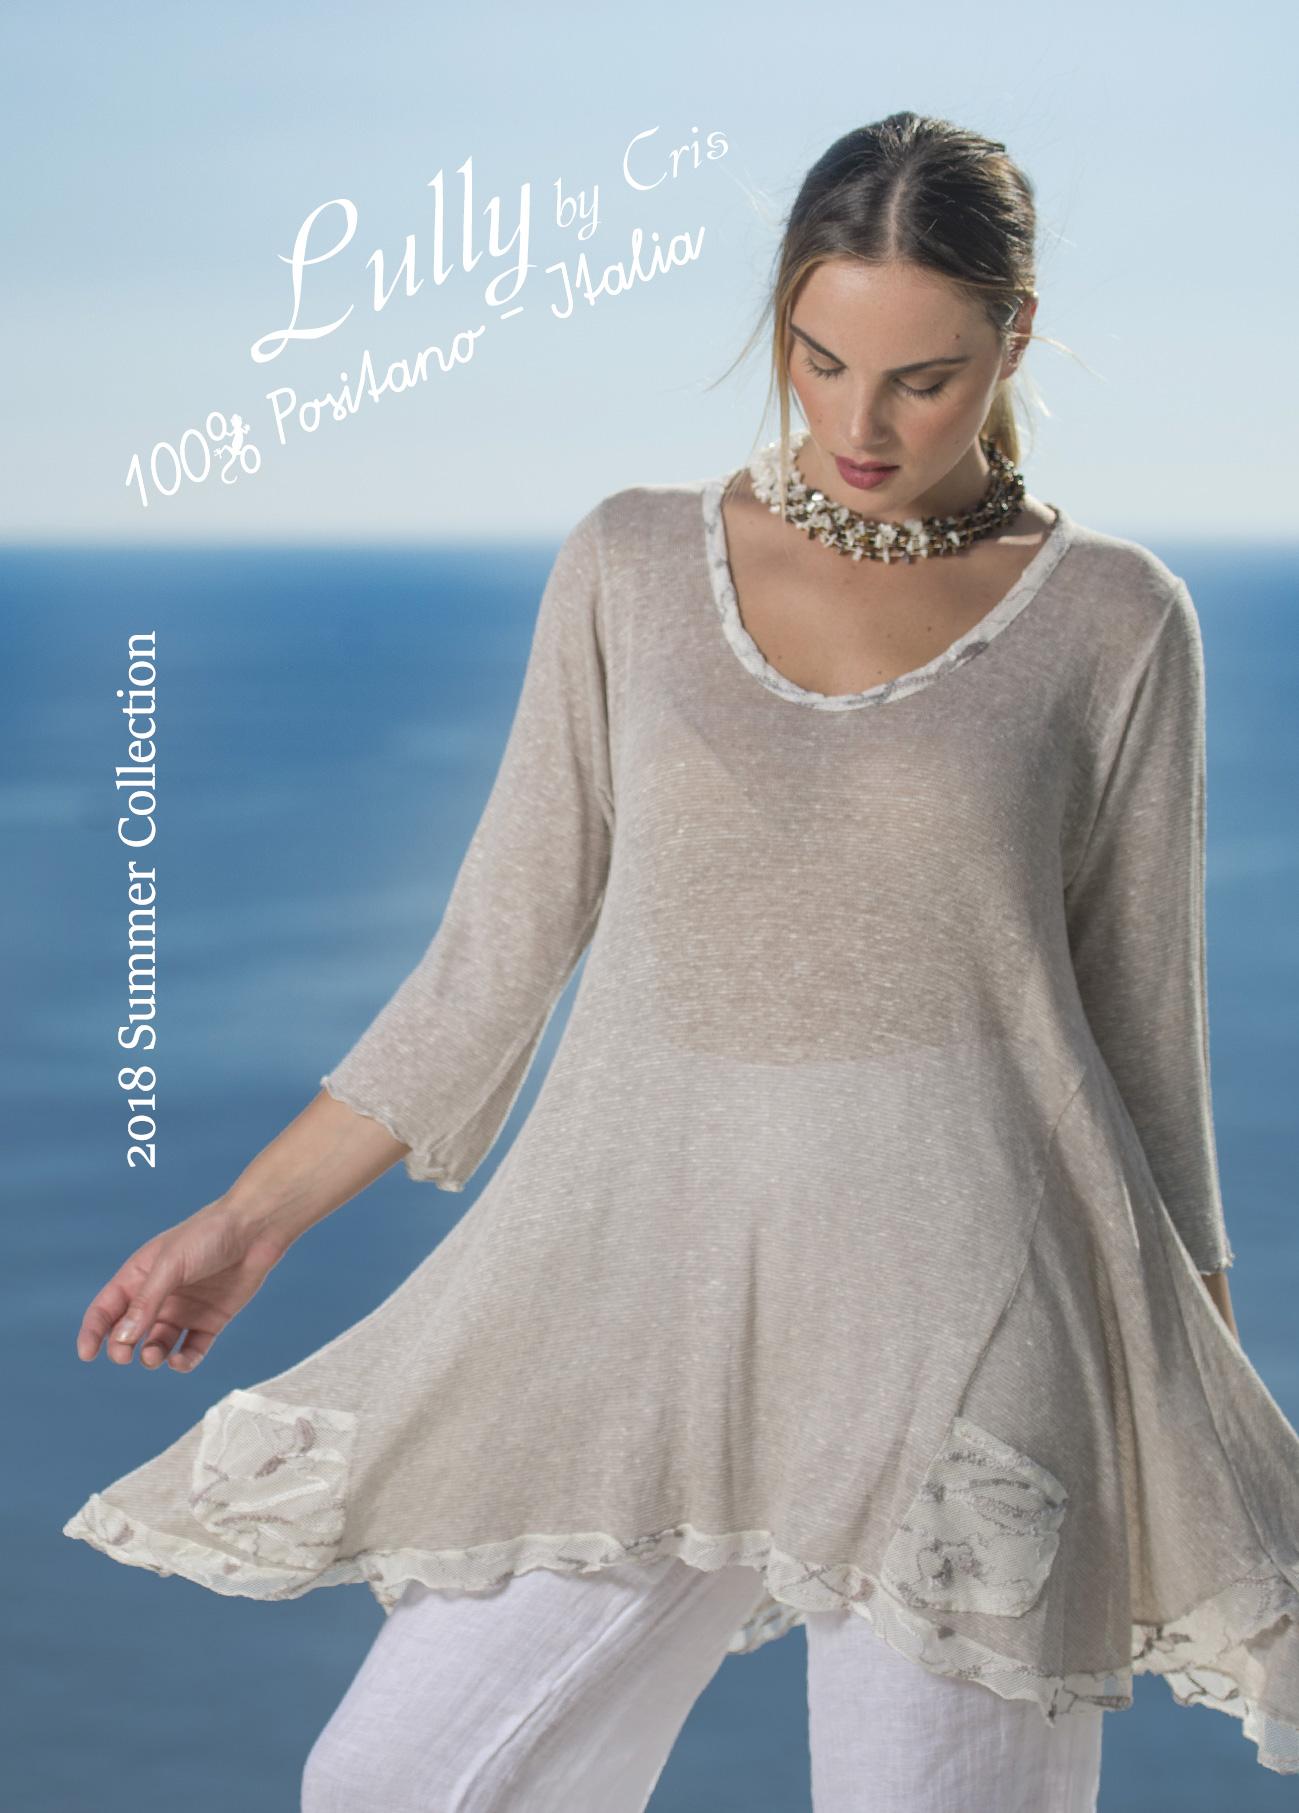 94c9a2e06a9a Positano fashion Collection 2018 by Cris Moda Positano